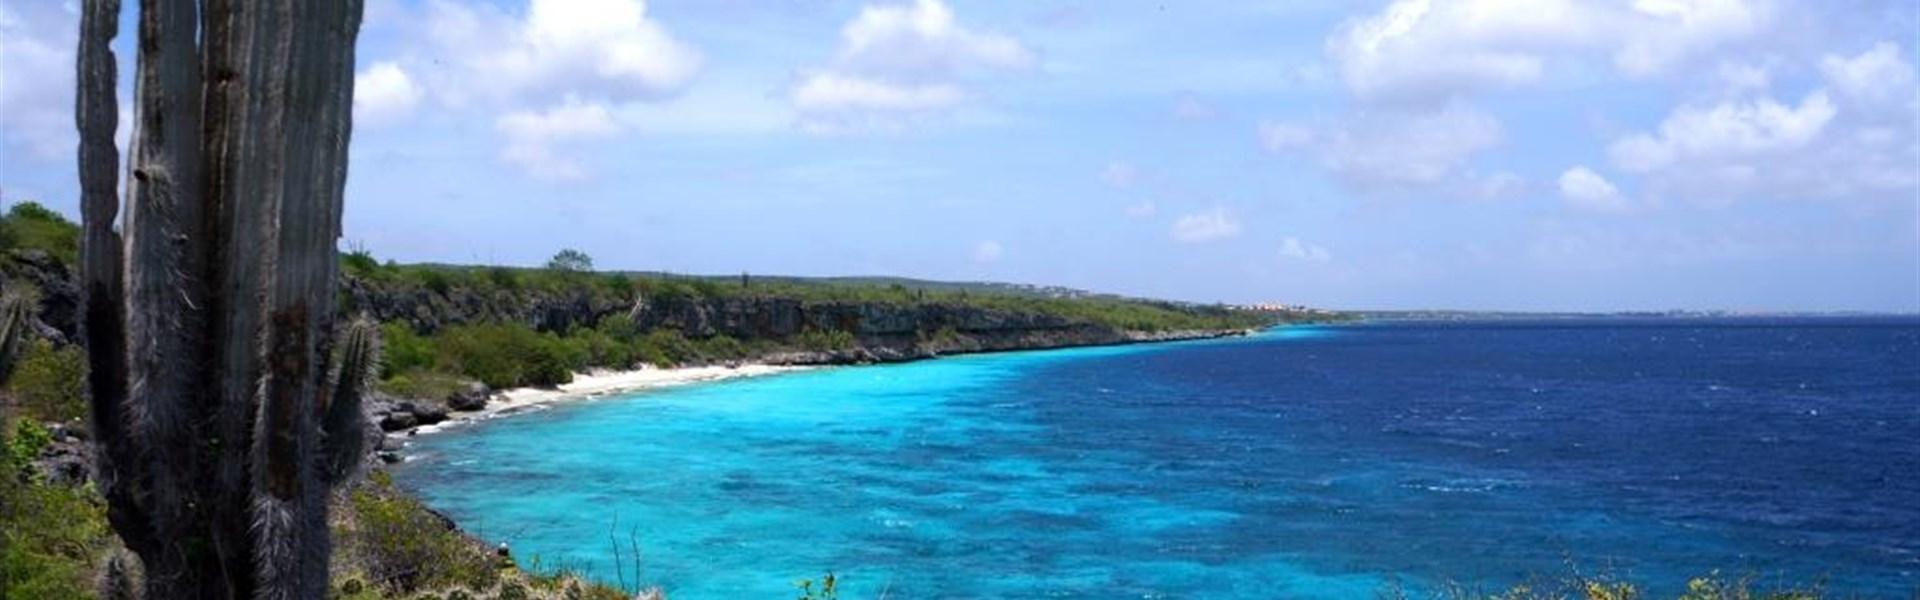 Bonaire -